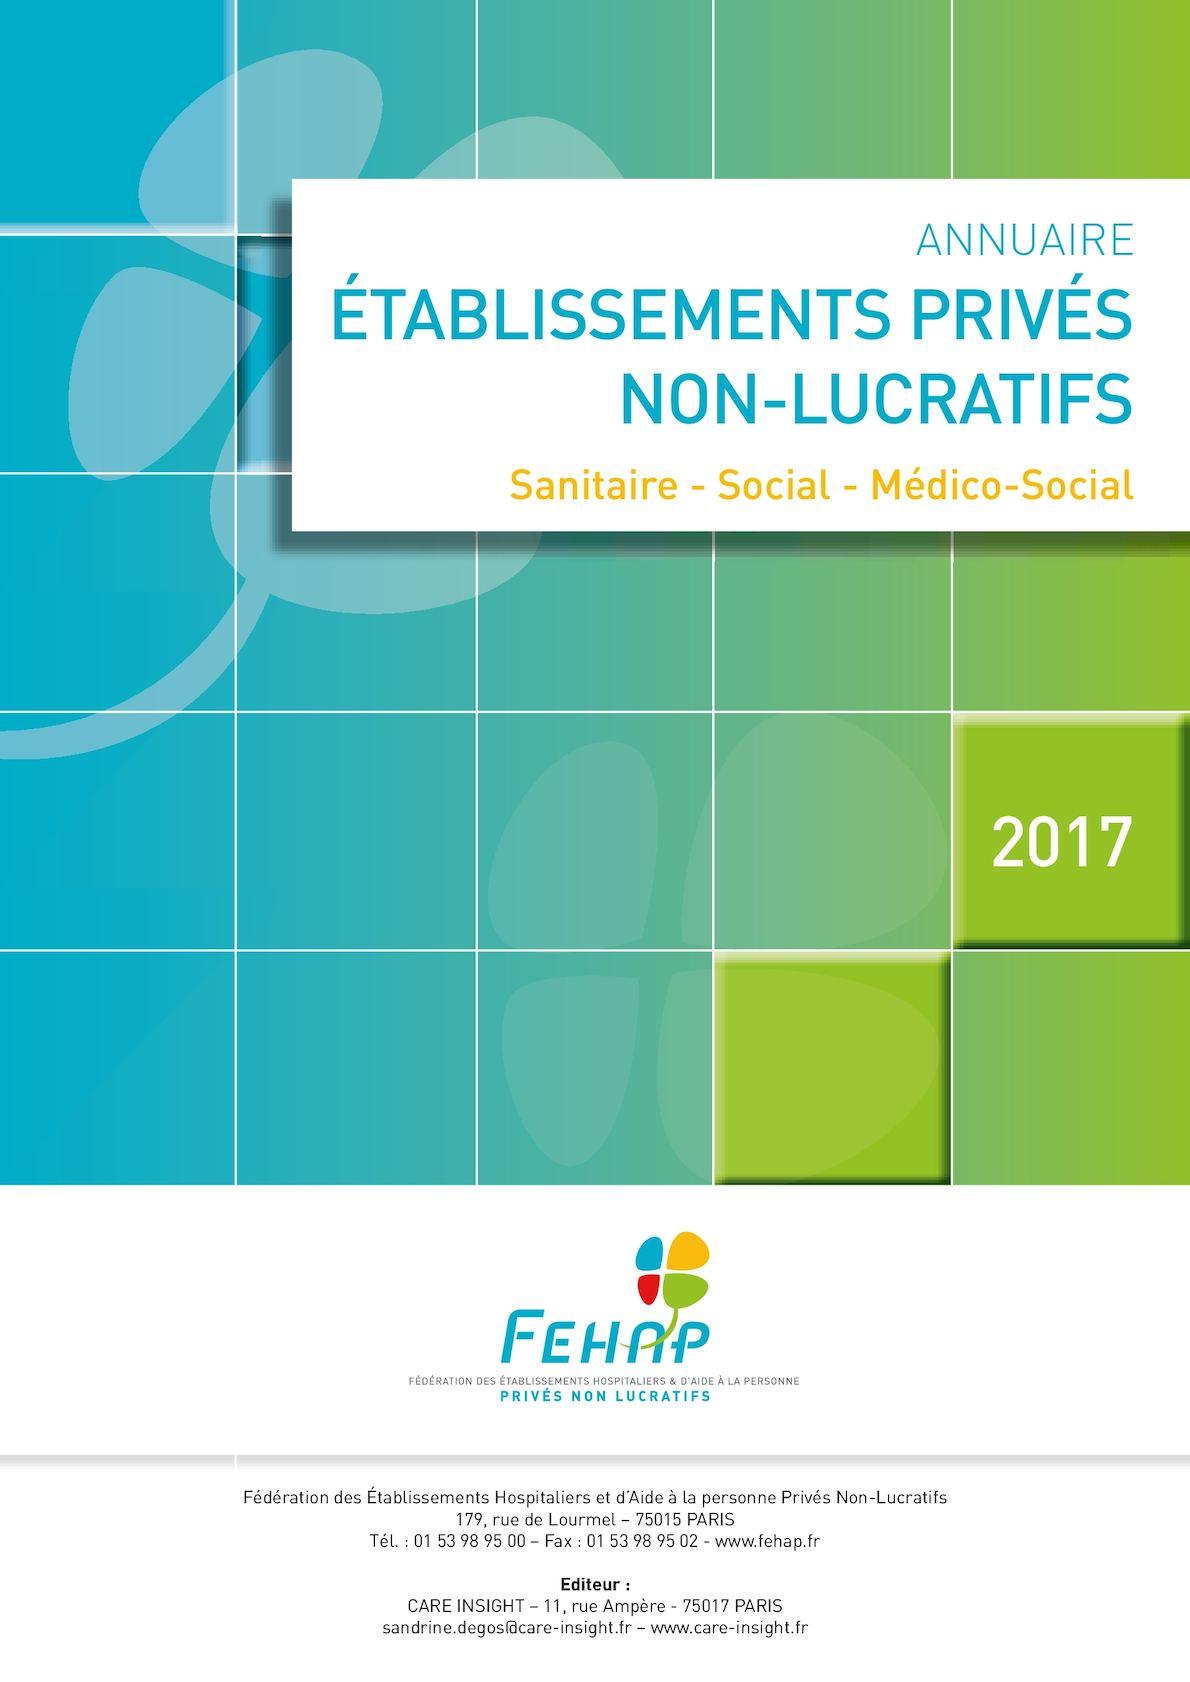 9302daf2c618 Calaméo - Annuaire des adhérents Fehap 2017